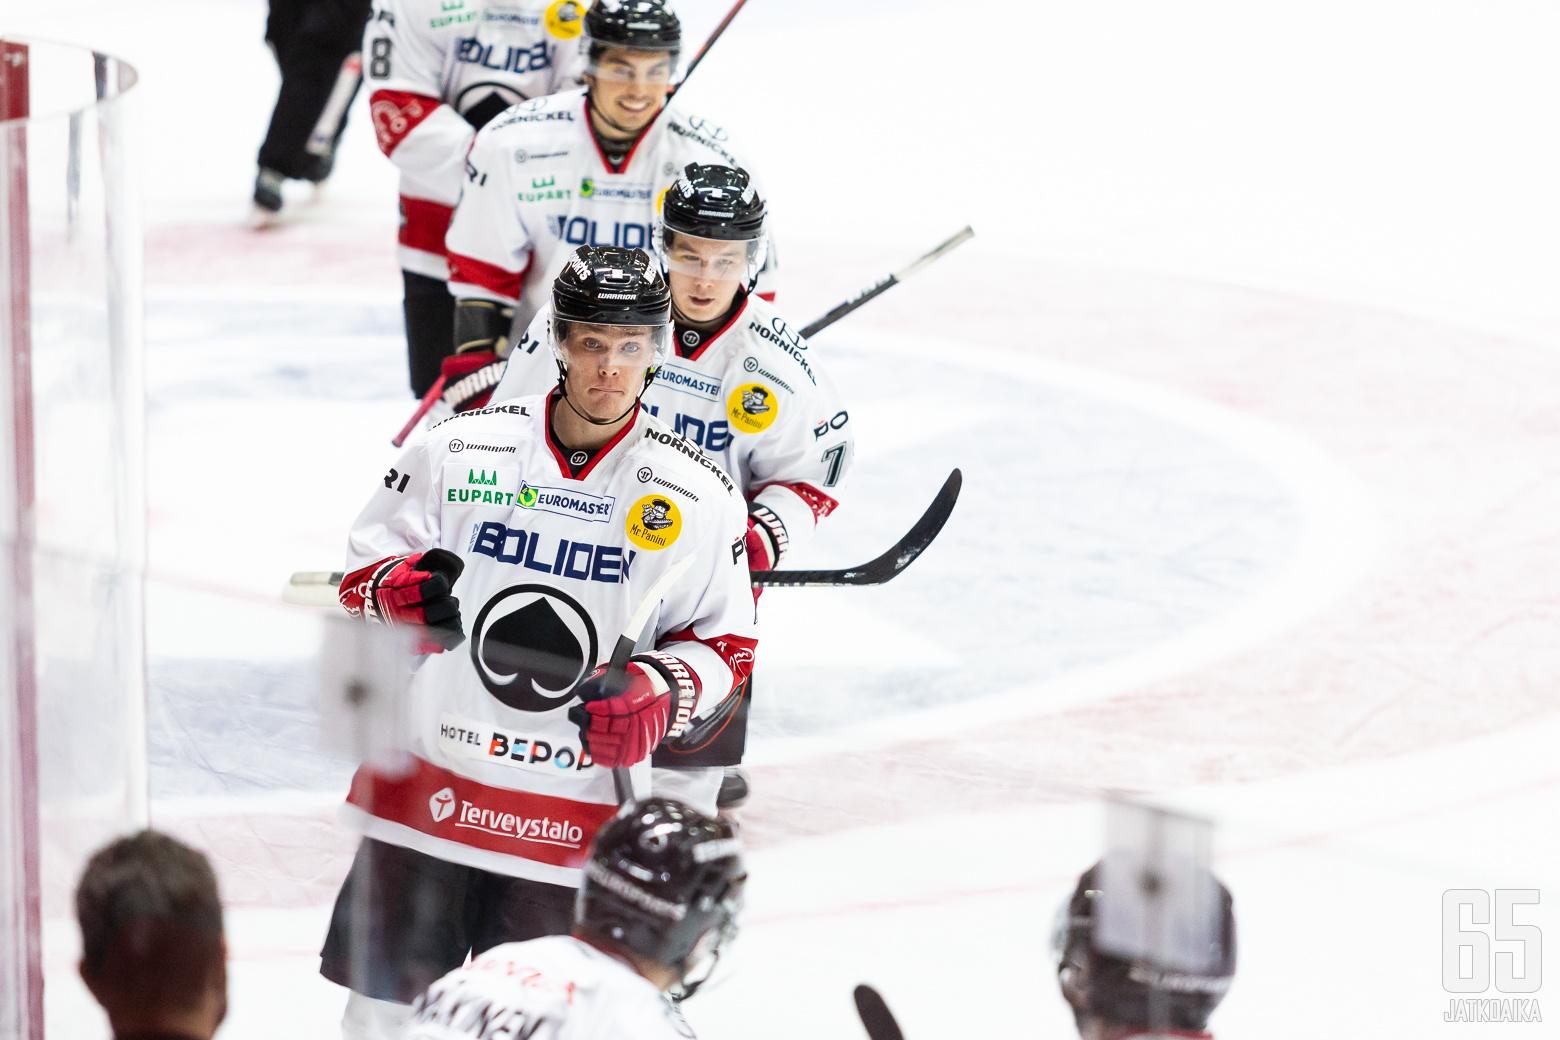 Jakob Stenqvist, Ässät ottelussa HIFK - Ässät, 13/10/2020, Helsingin jäähalli, Helsinki, Suomi. Photo: Joonas Kämäräinen